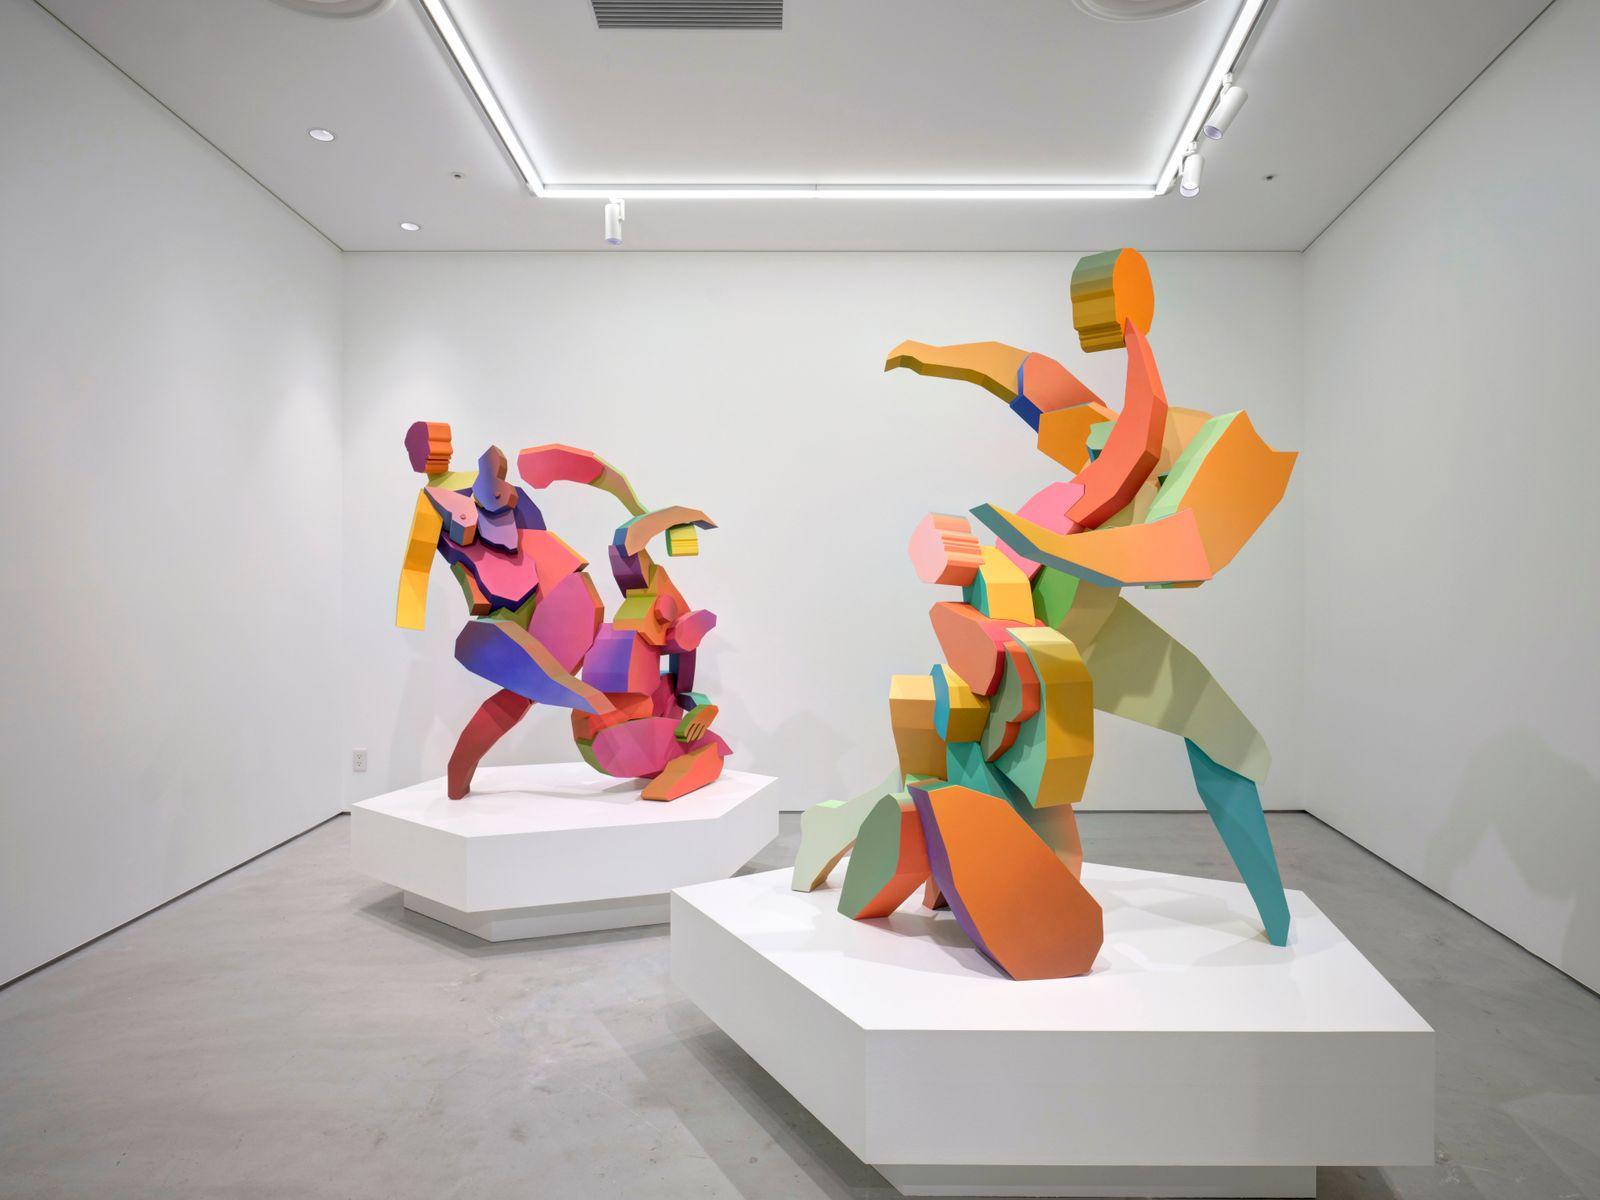 【おすすめアート】テクノロジーを駆使した新世代のアーティスト、ジョナサン・チャプリンの新作個展が2会